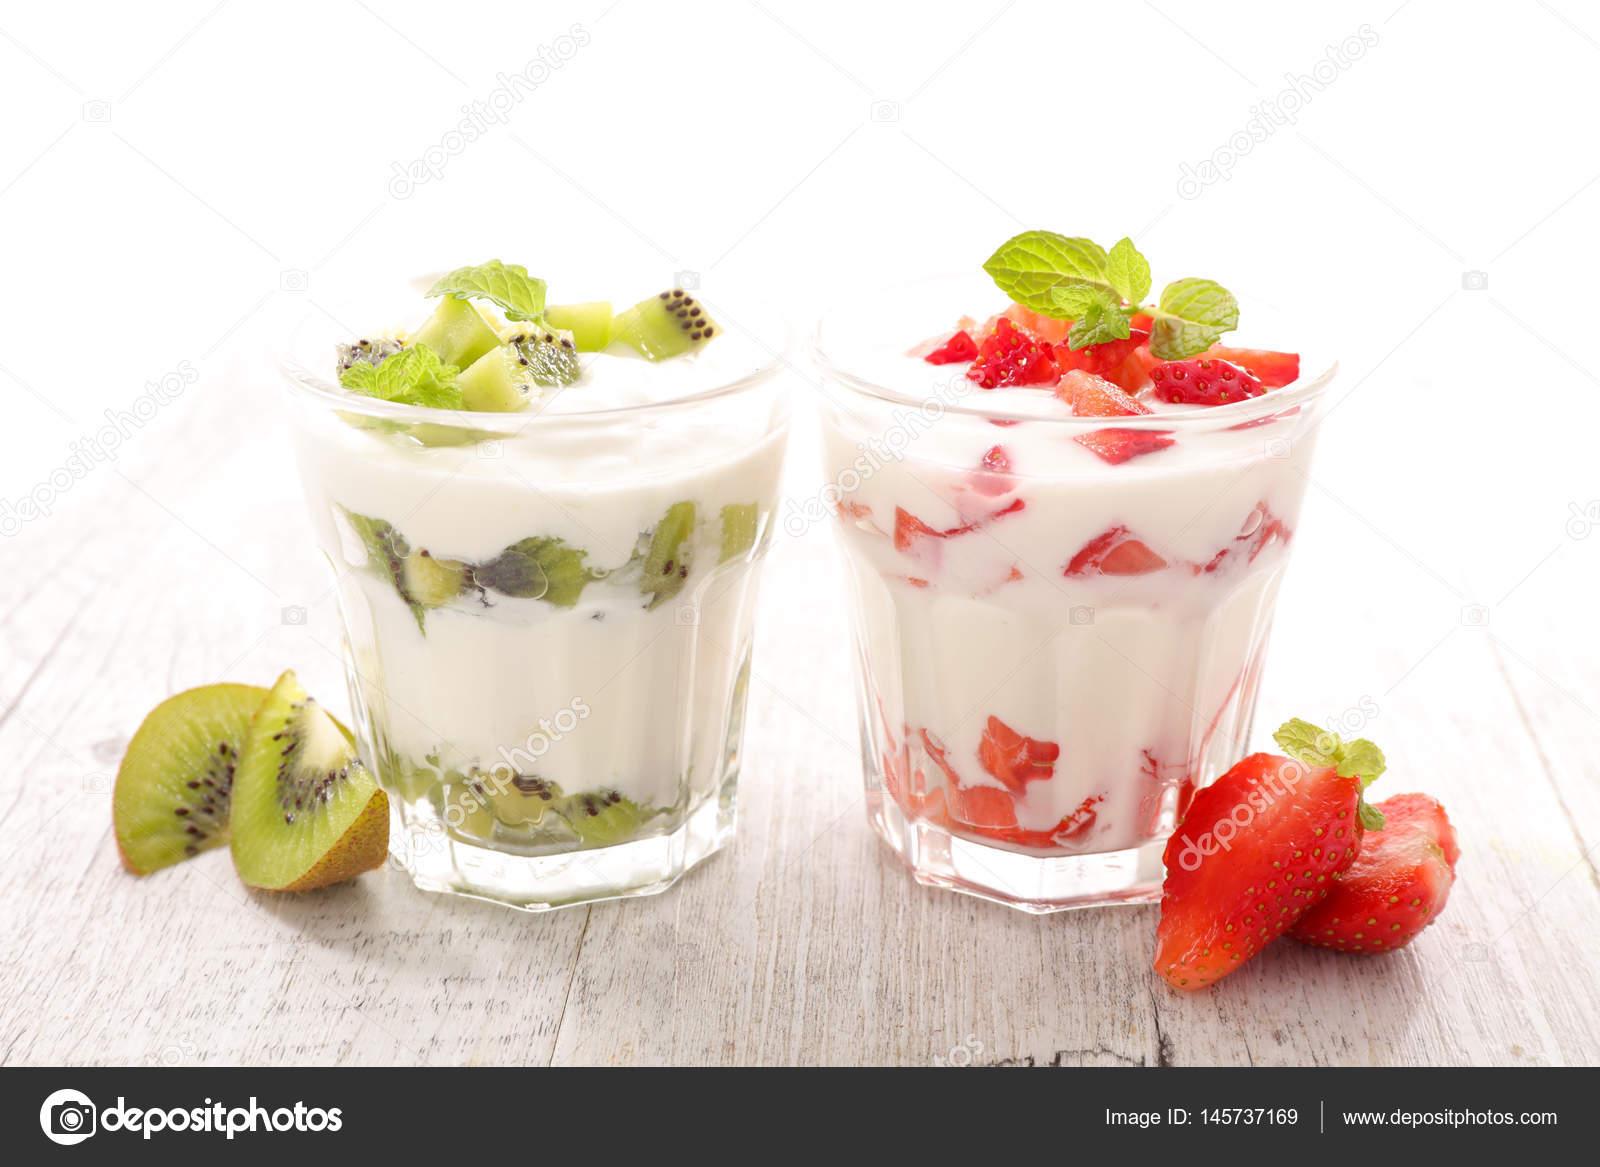 Frutas y yogurt en vasos foto de stock studiom 145737169 - Vasos para yogurt ...